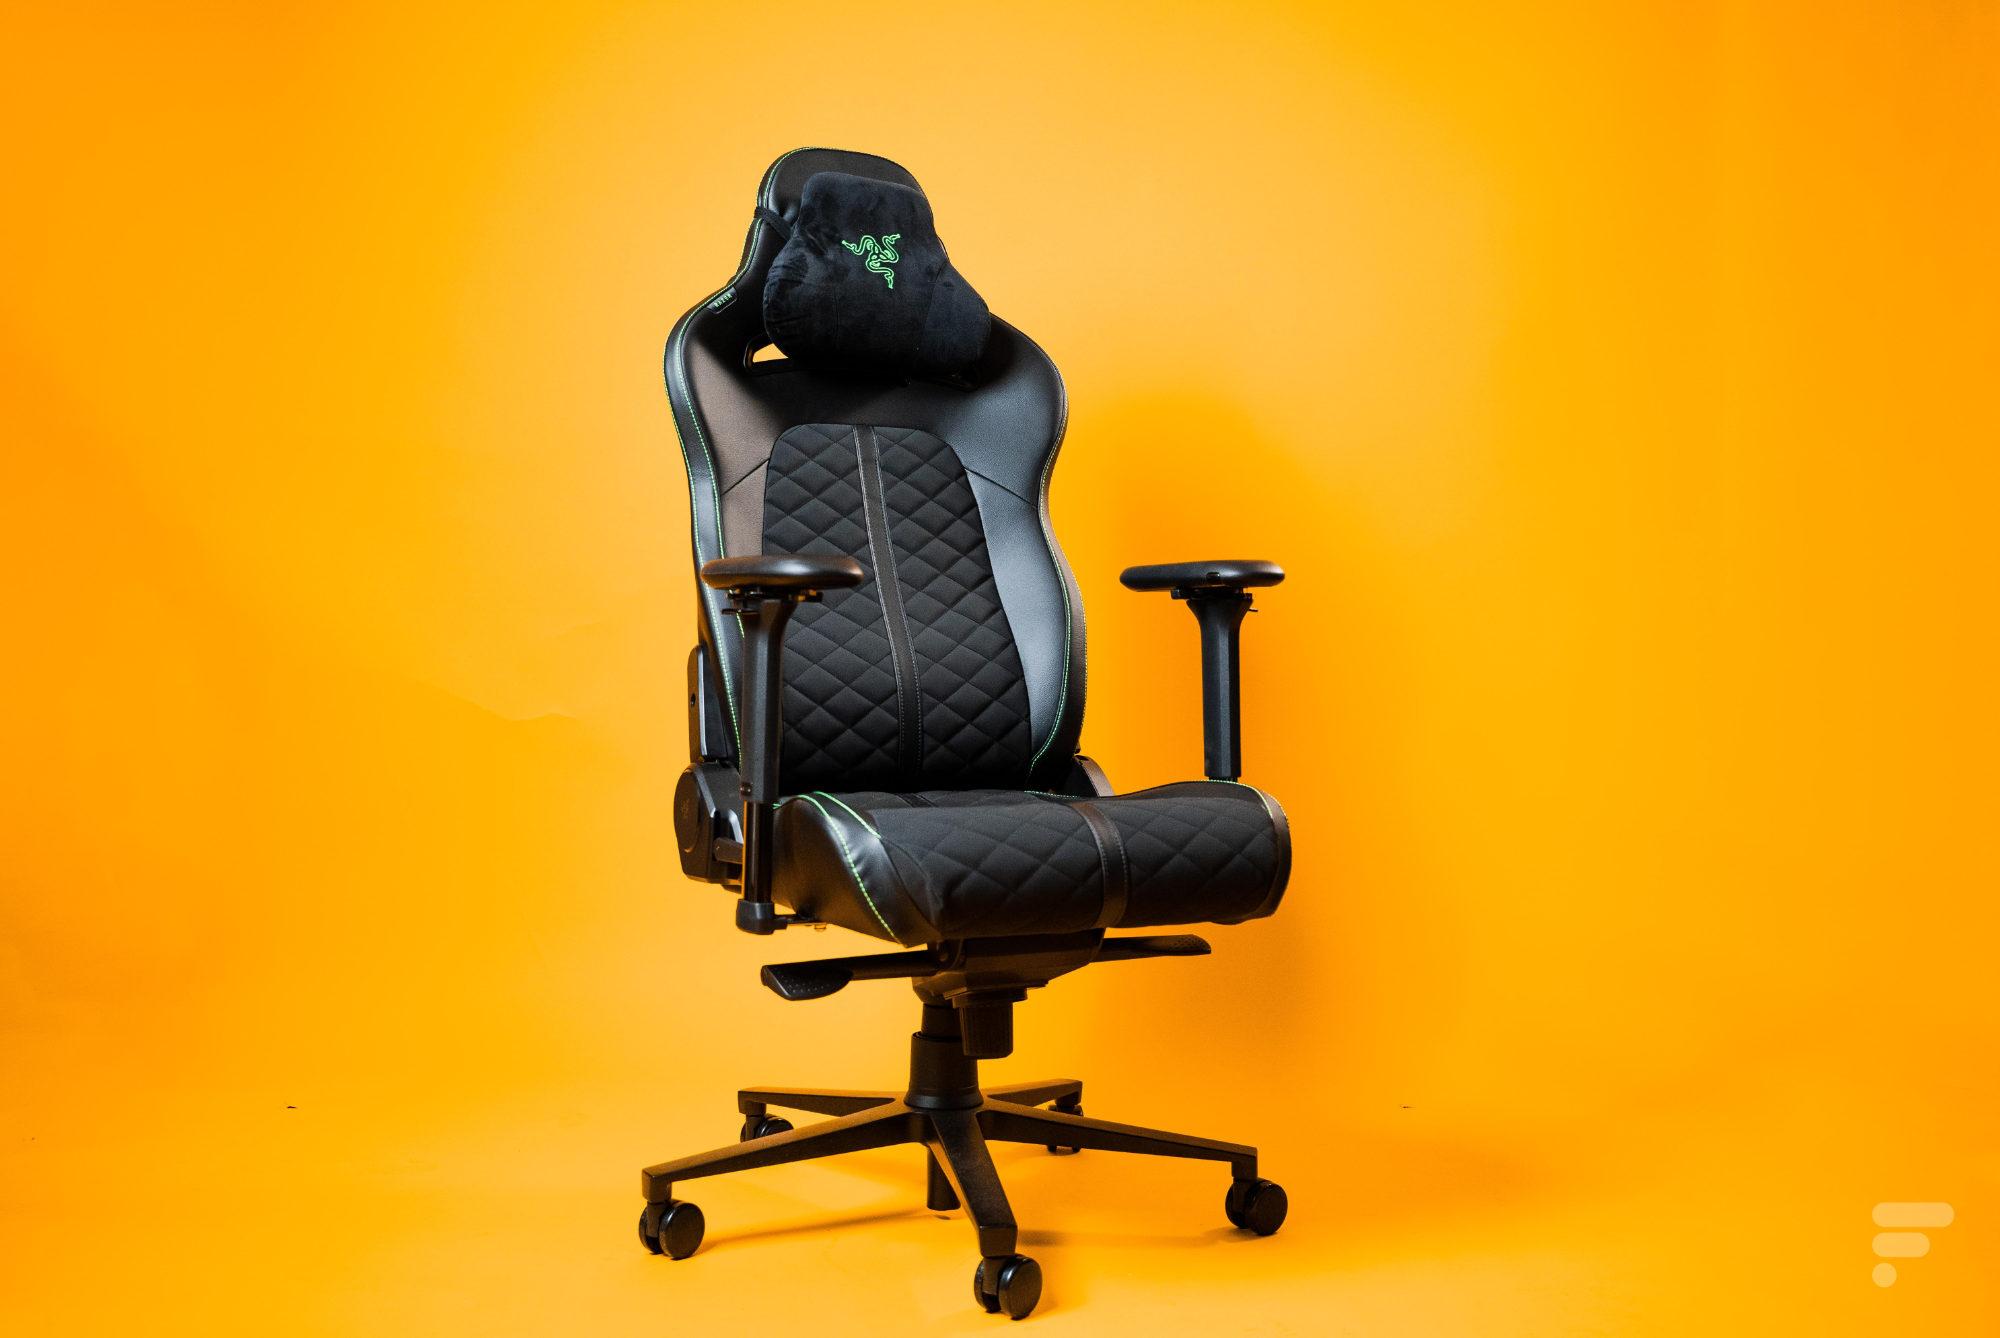 Test de la Razer Enki : une chaise gaming confortable et relativement sobre